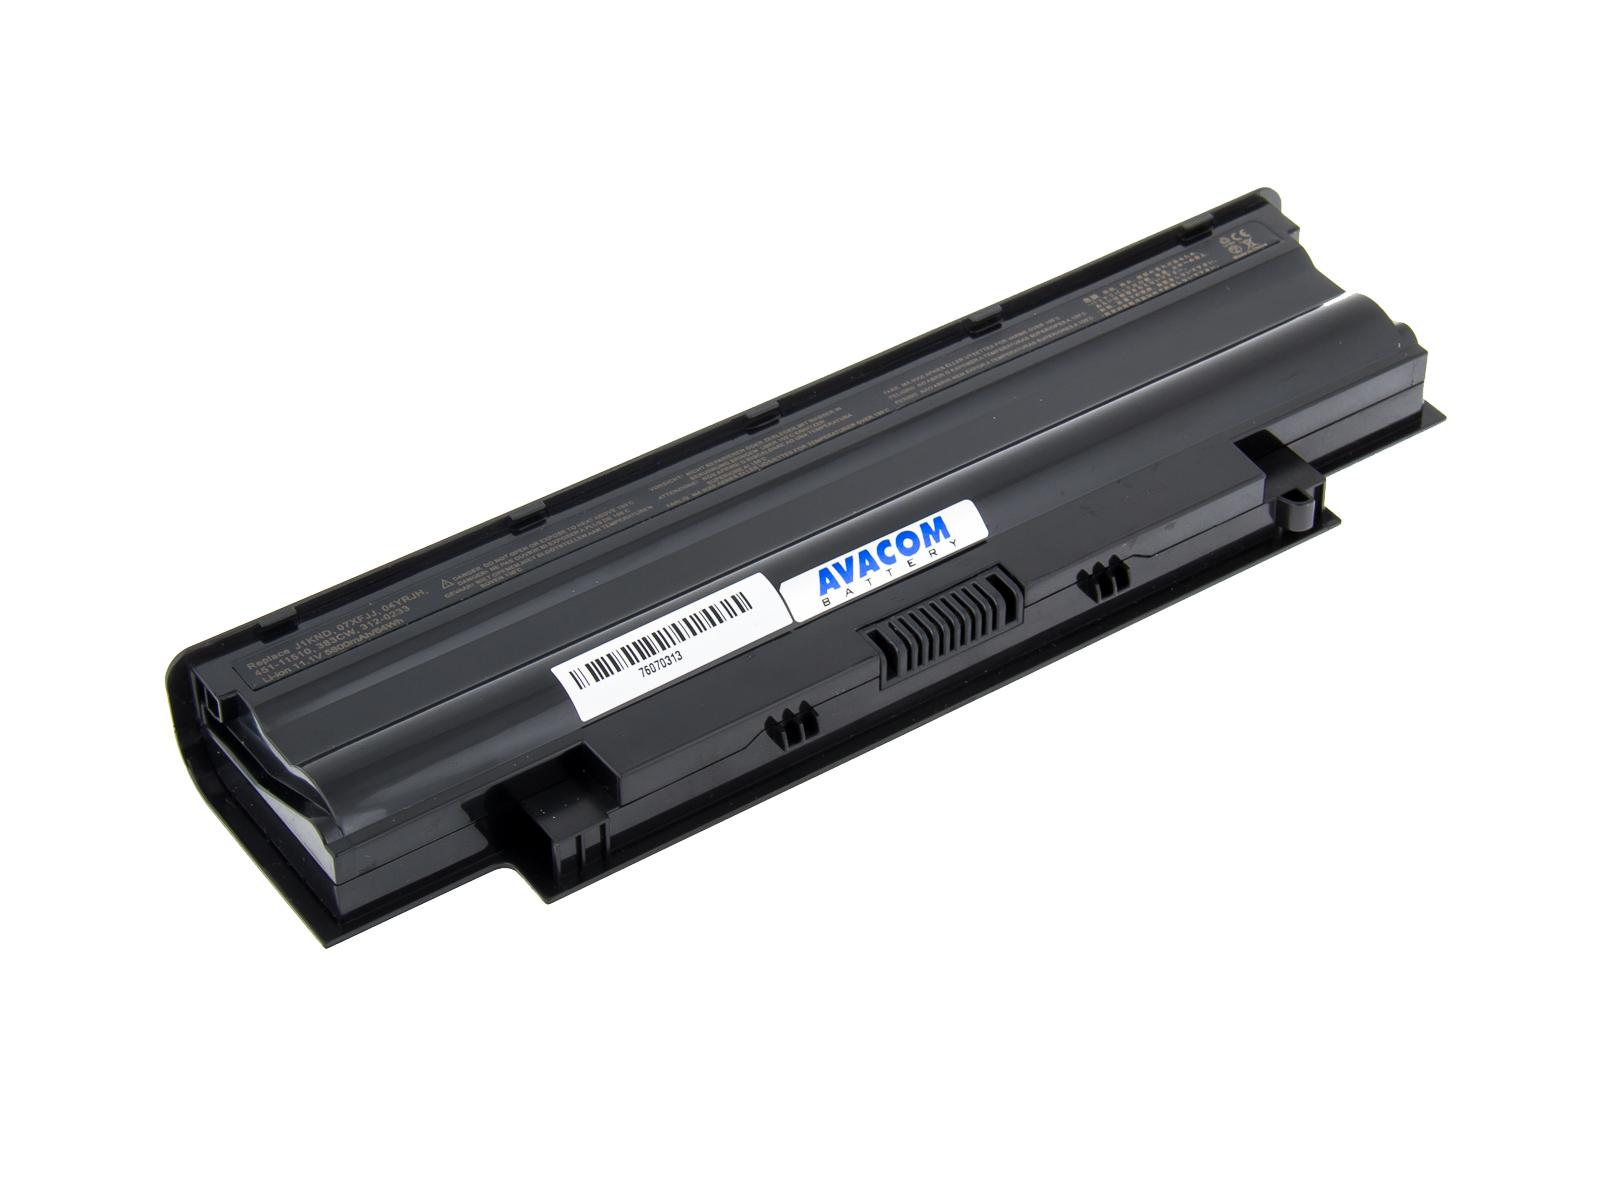 Náhradní baterie AVACOM Dell Inspiron 13R/14R/15R, M5010/M5030 Li-Ion 11,1V 5800mAh